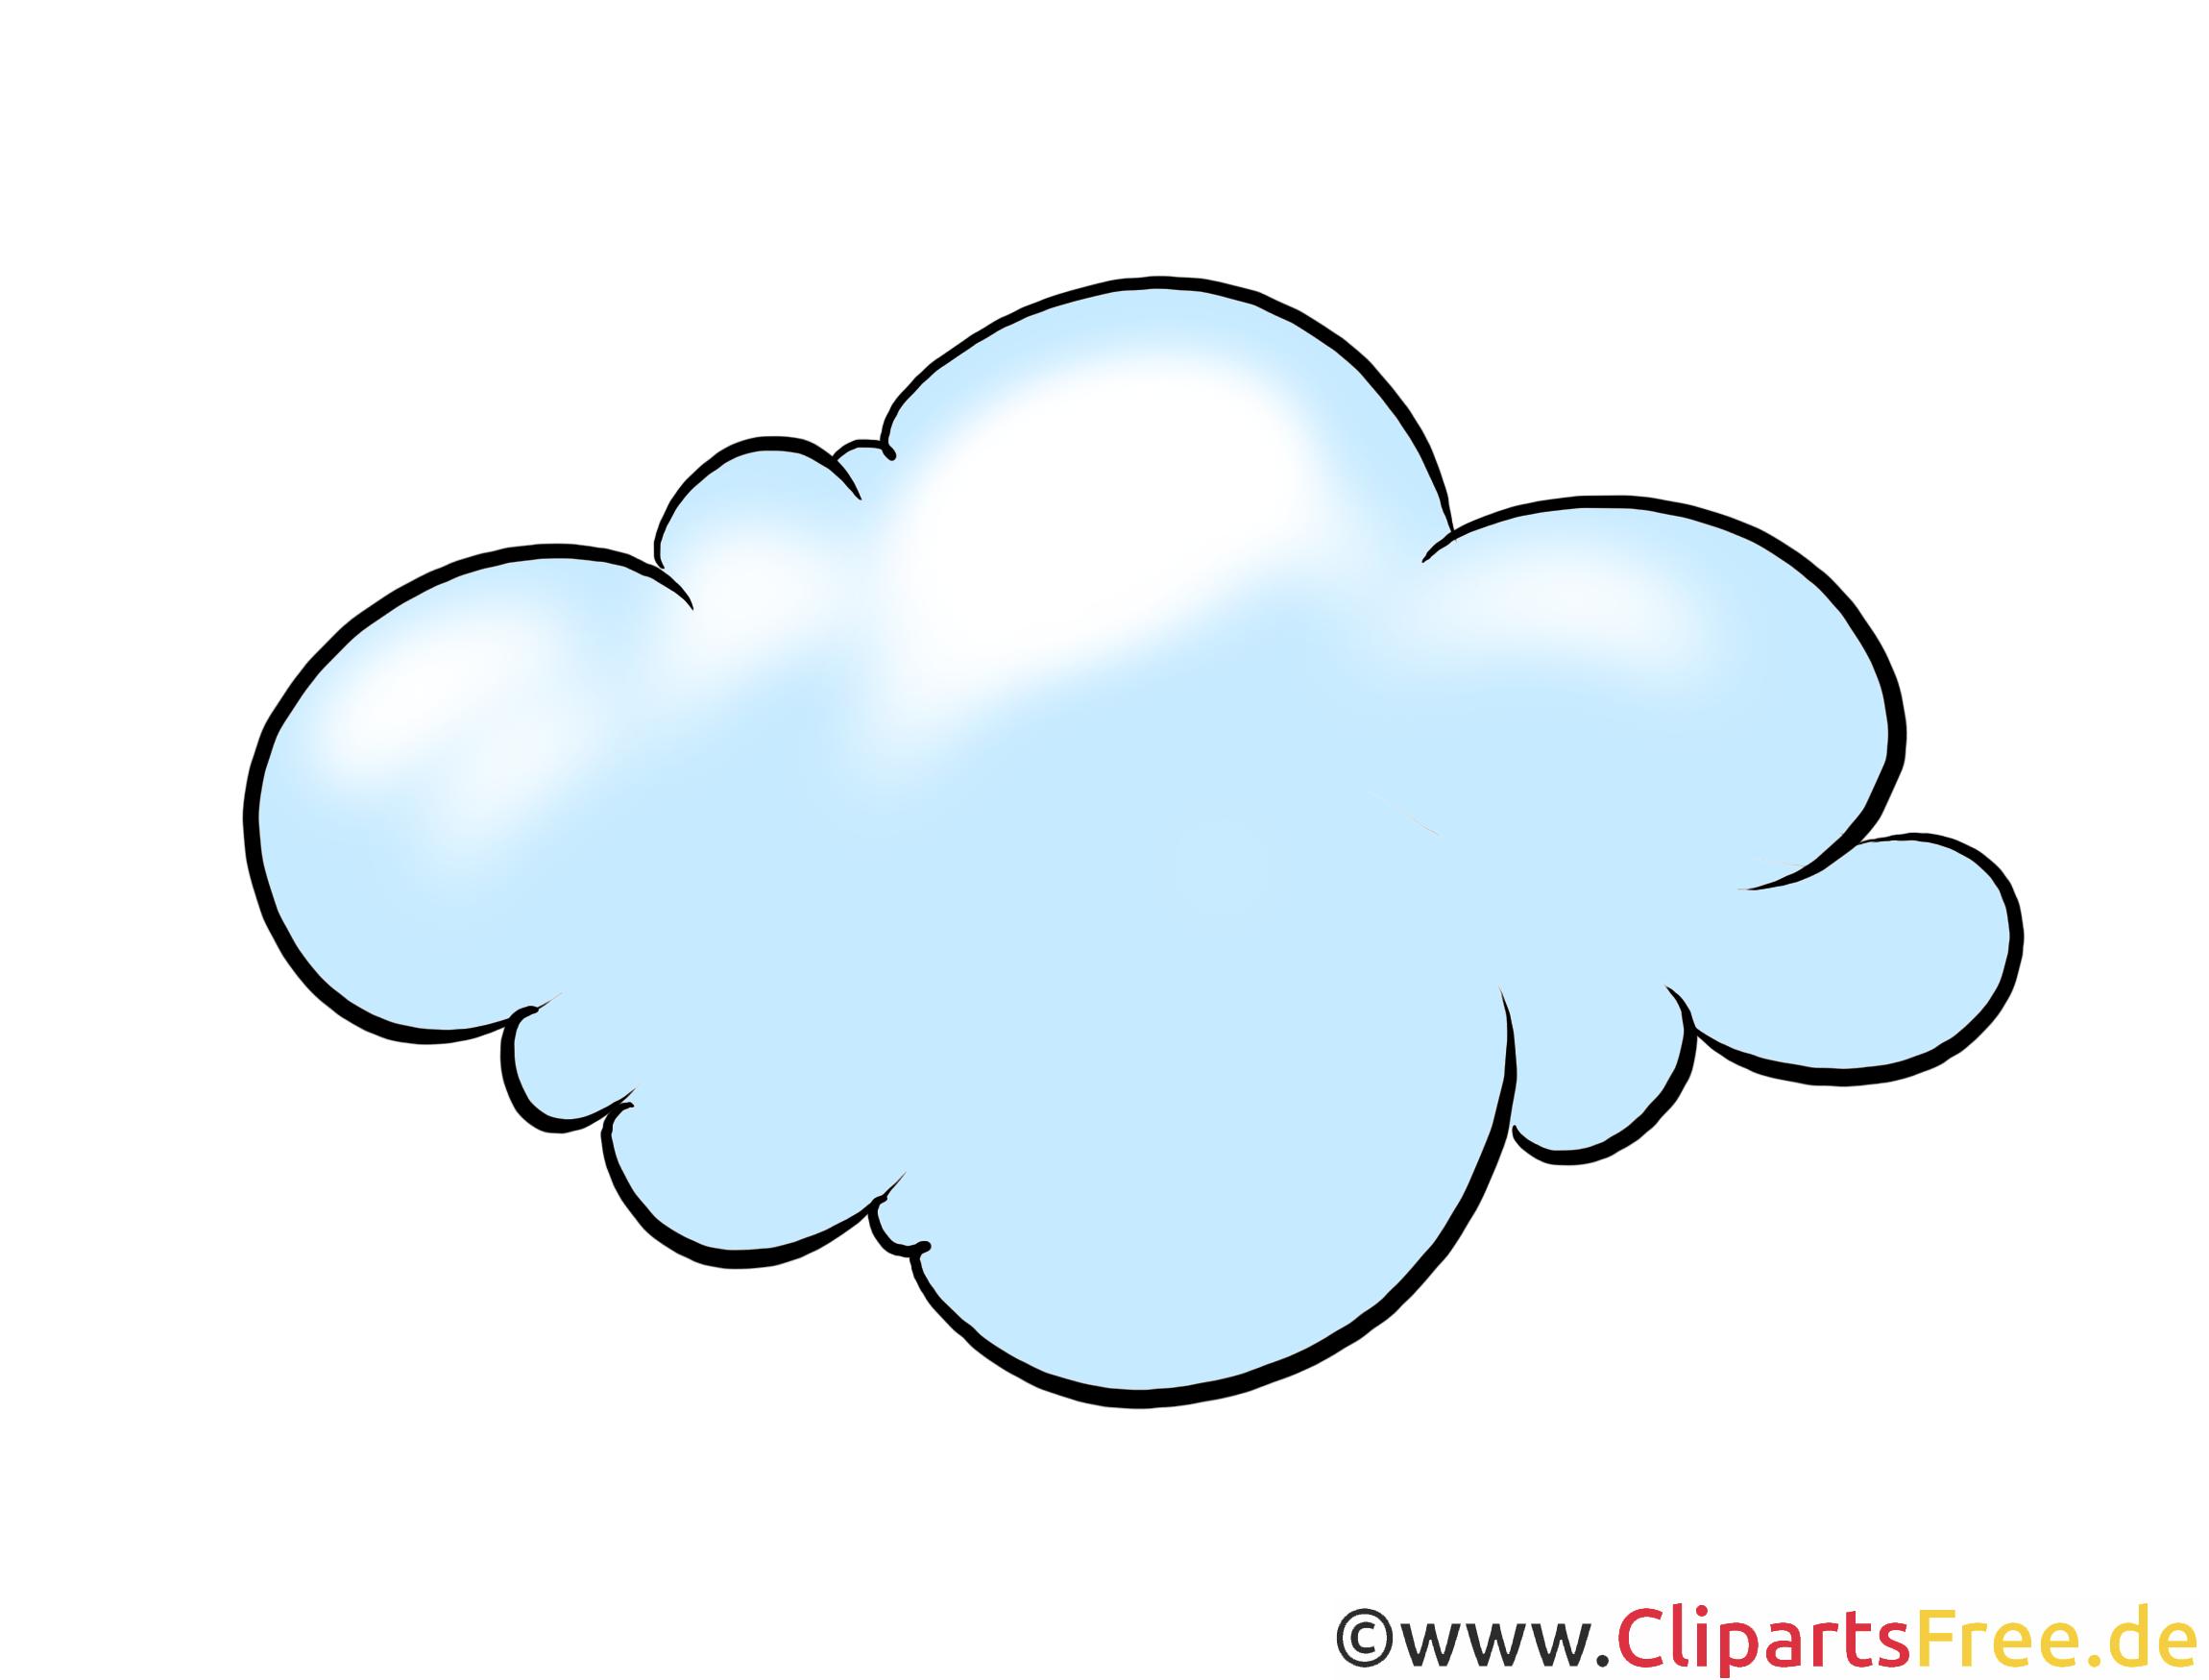 Blaue Wolke Clipart, Illustration, Bild kostenlos